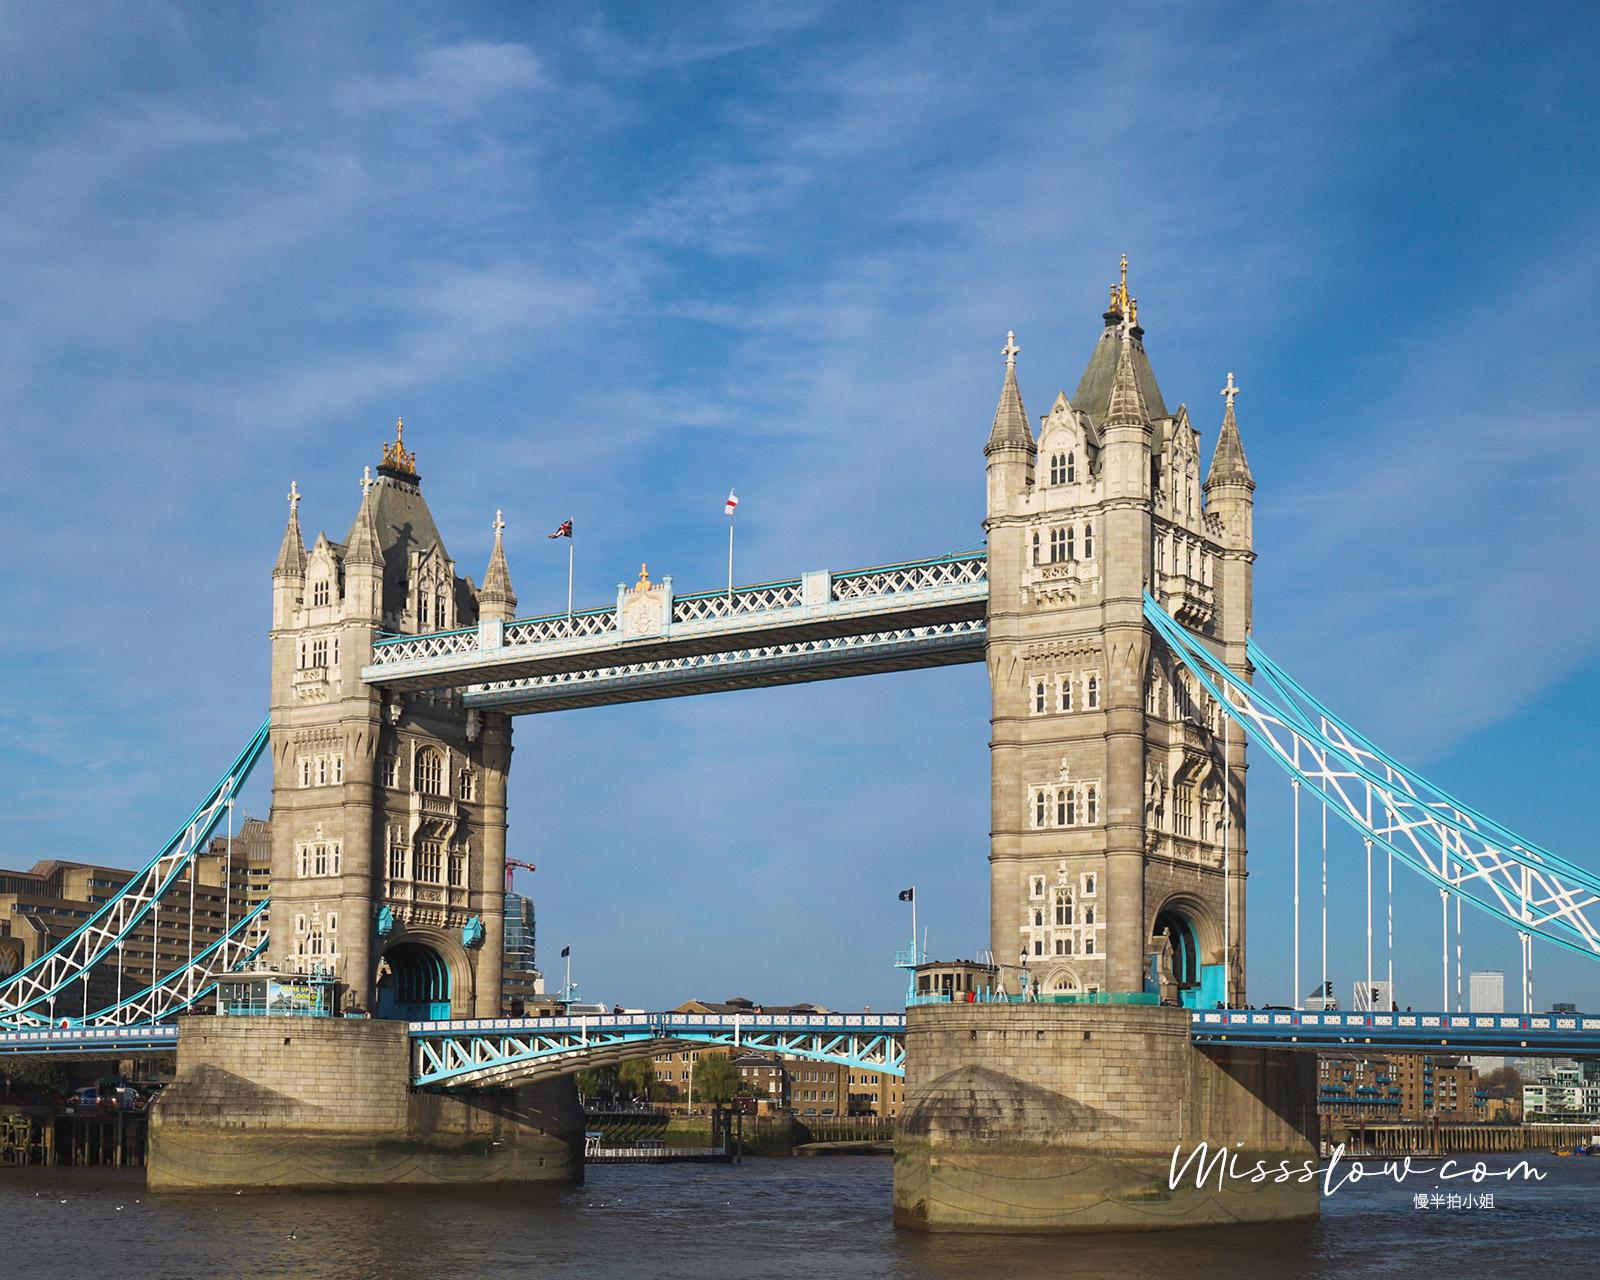 倫敦泰晤士河南岸-倫敦塔橋